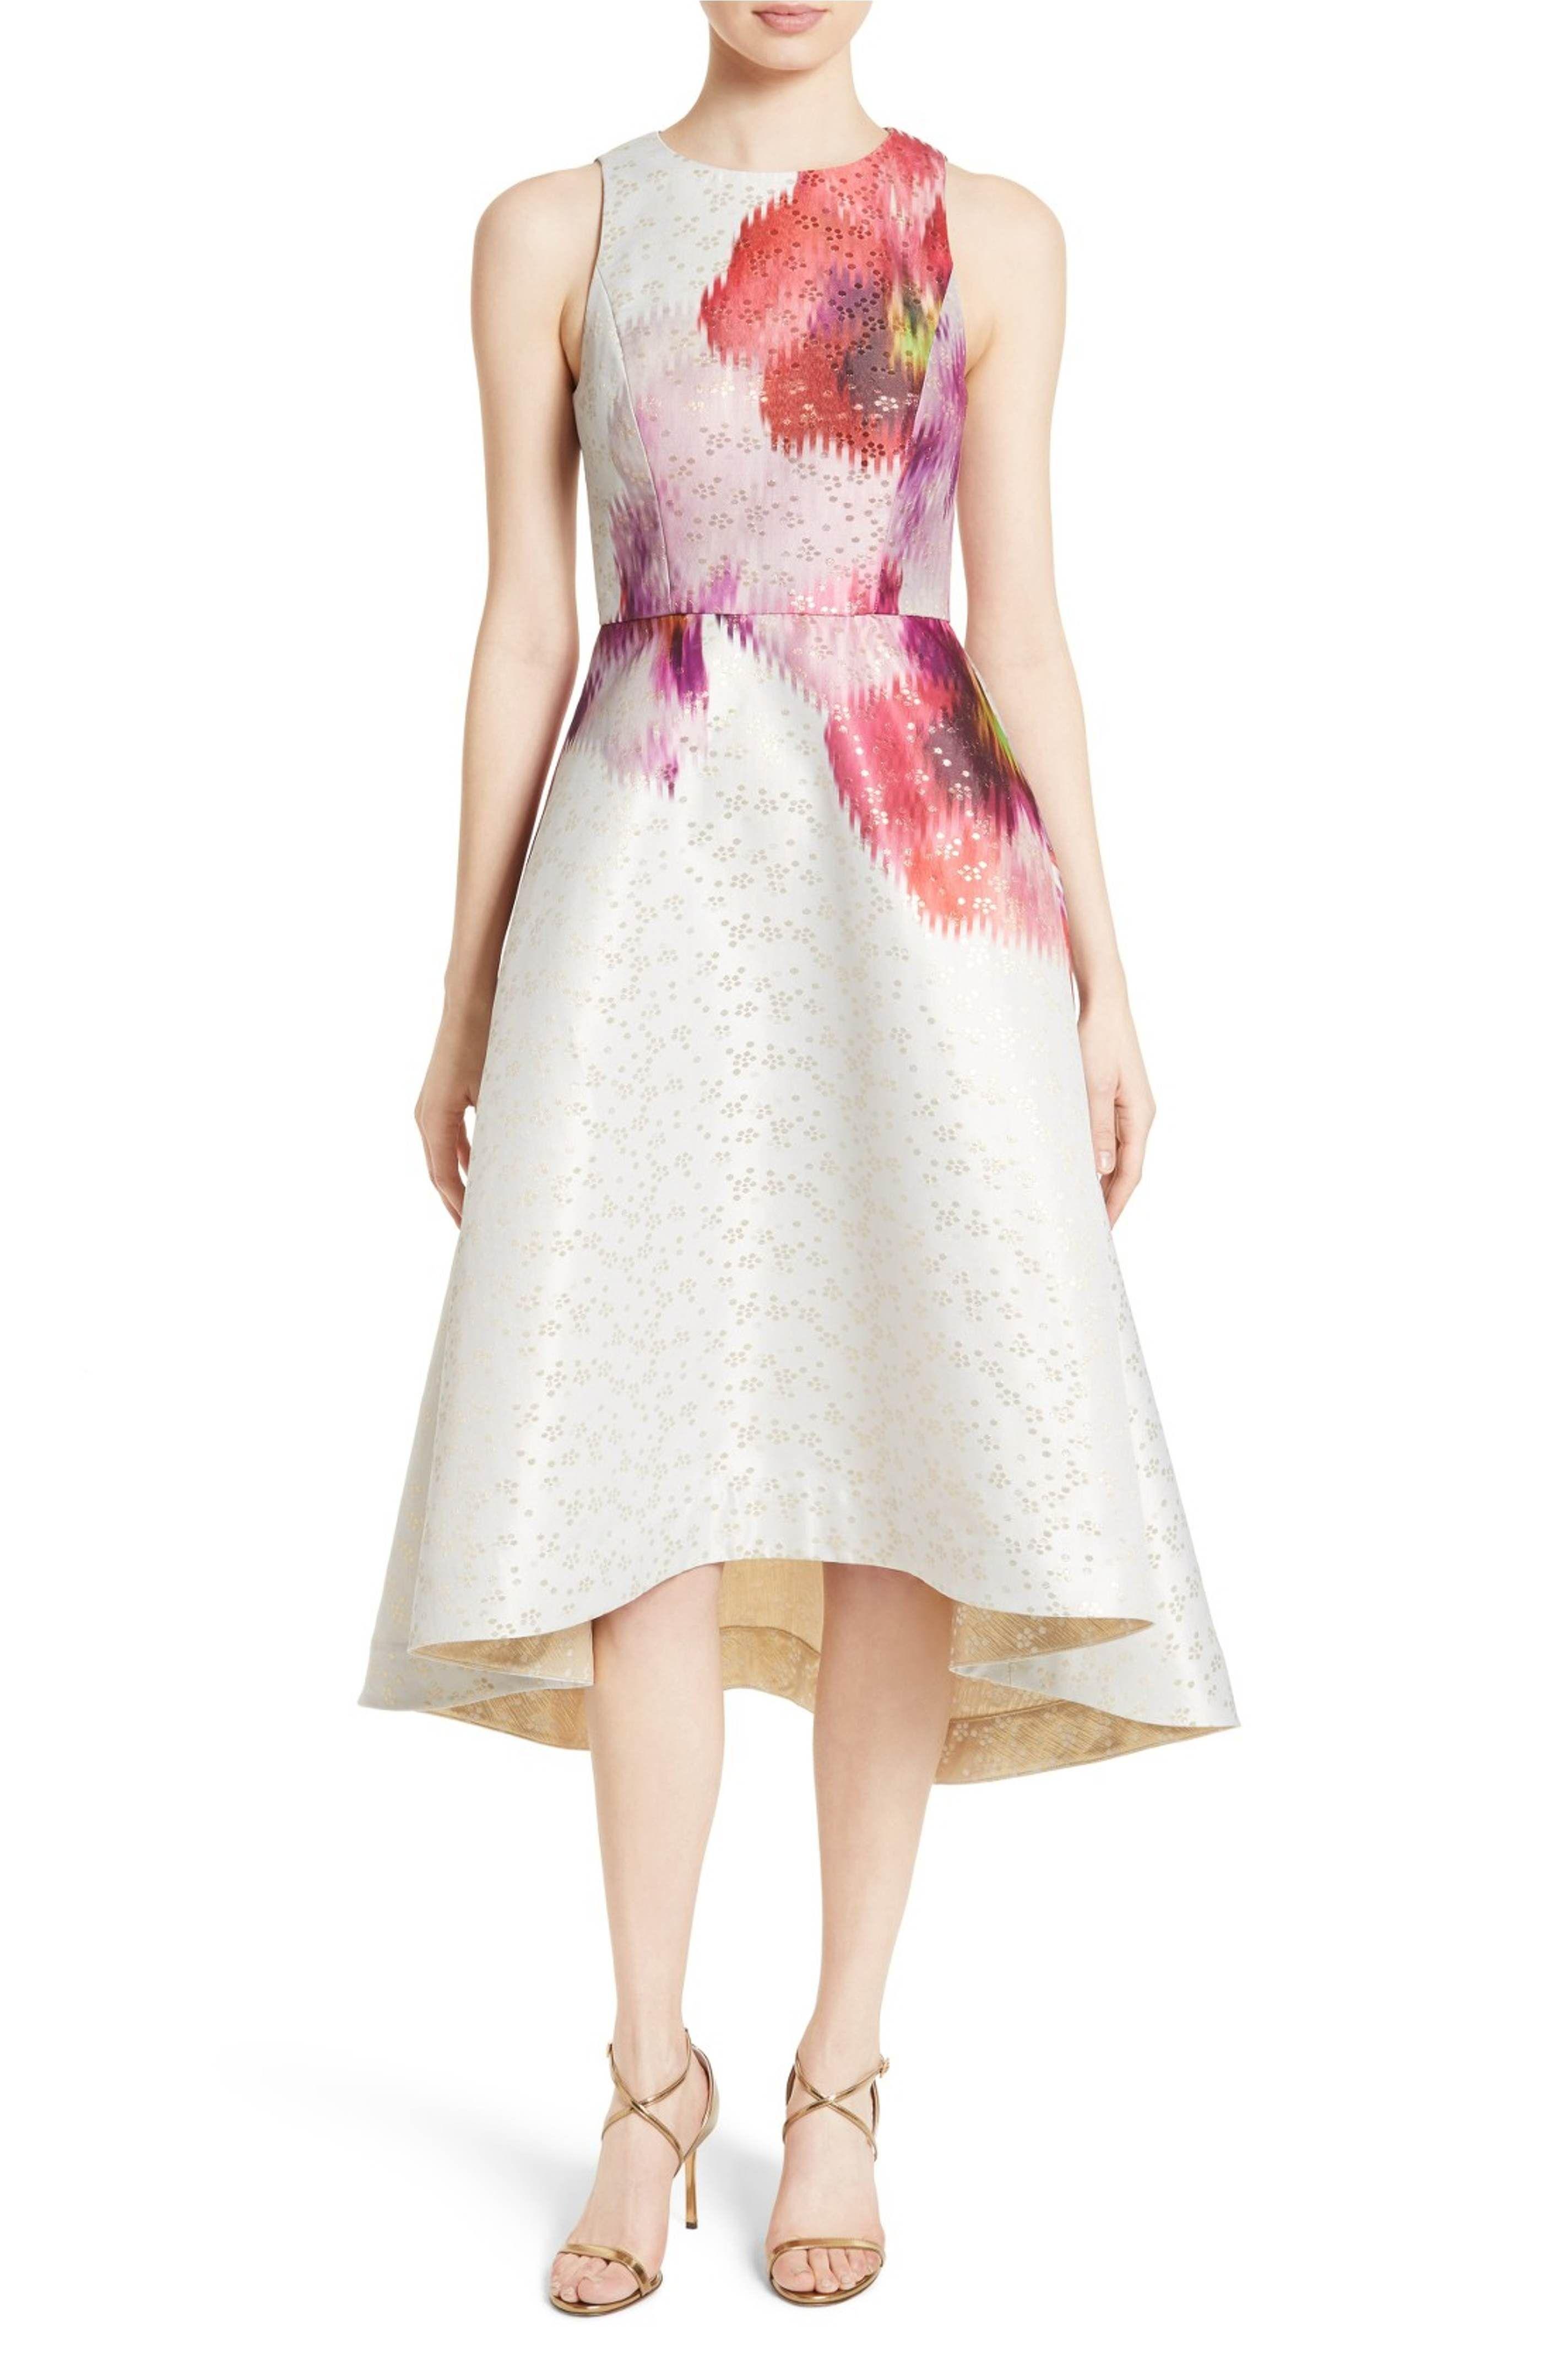 e017b696316 Main Image - Ted Baker London Jenn Print Jacquard Fit   Flare Dress ...